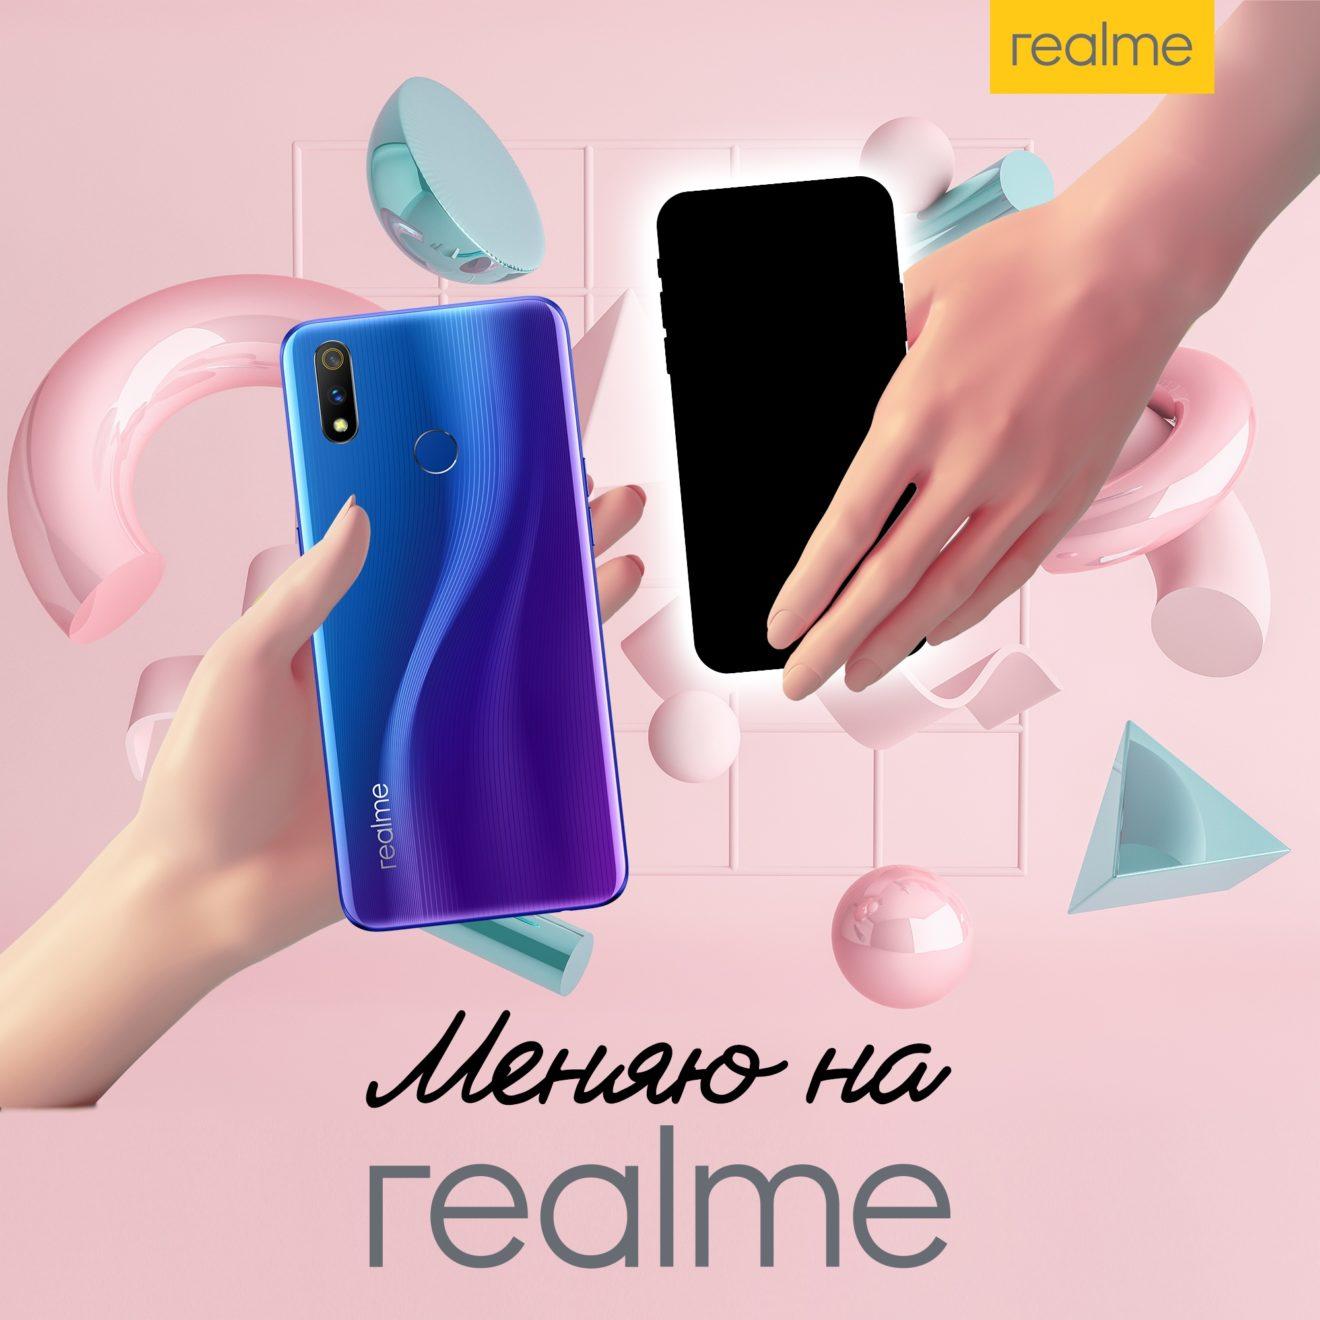 Поменять свой смартфон на новенький realme